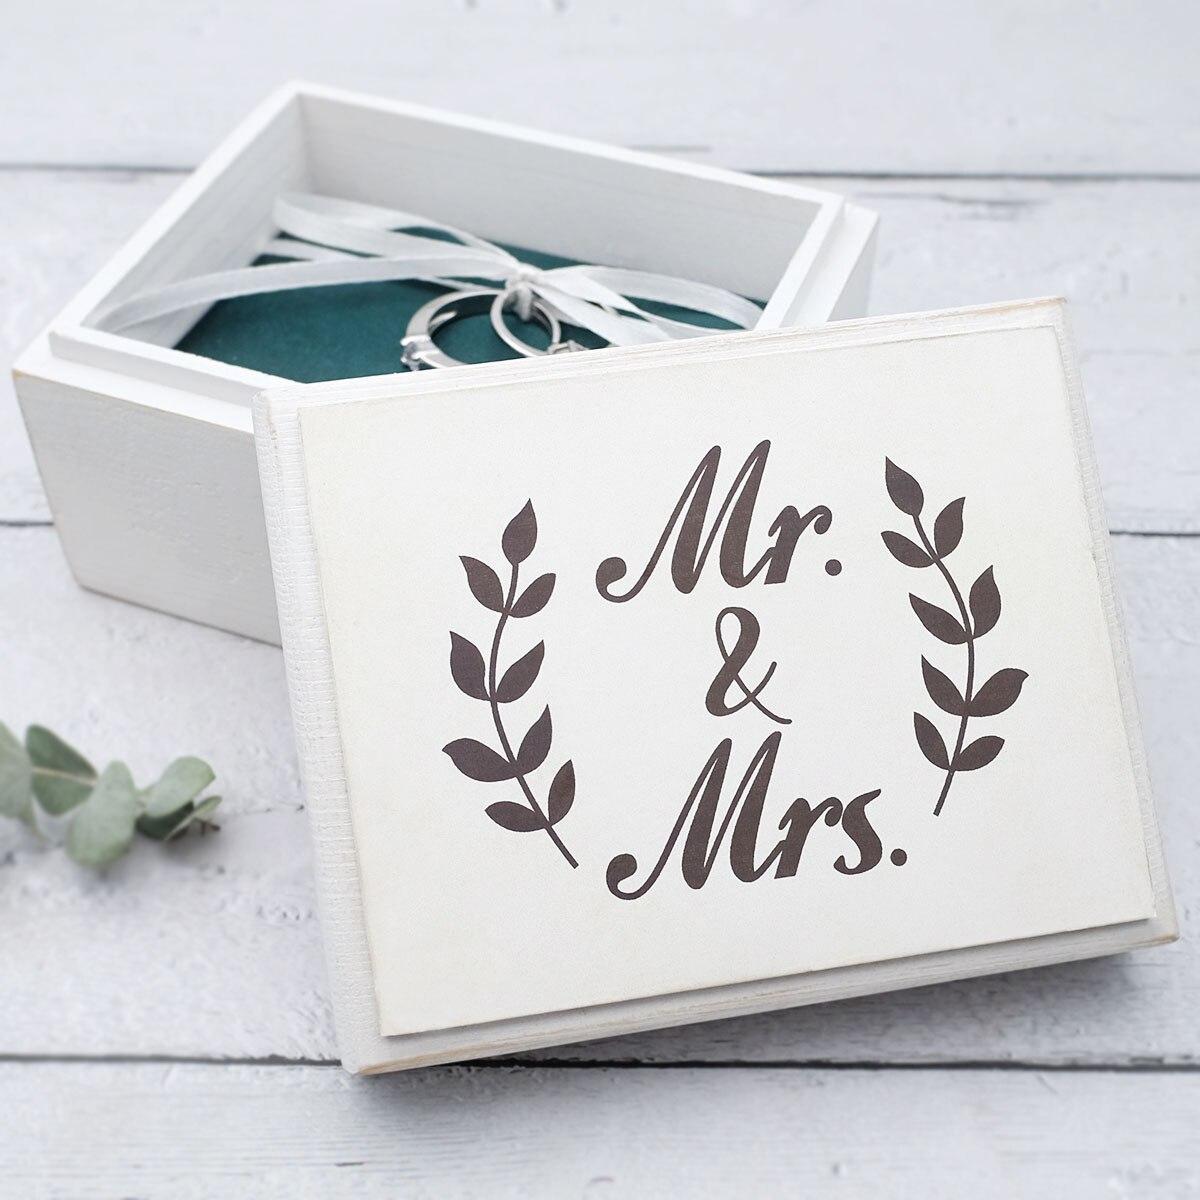 Индивидуальная коробка для обручальных колец, коробка для обручальных колец на заказ, коробка для обручальных колец с гравировкой, свадебн...